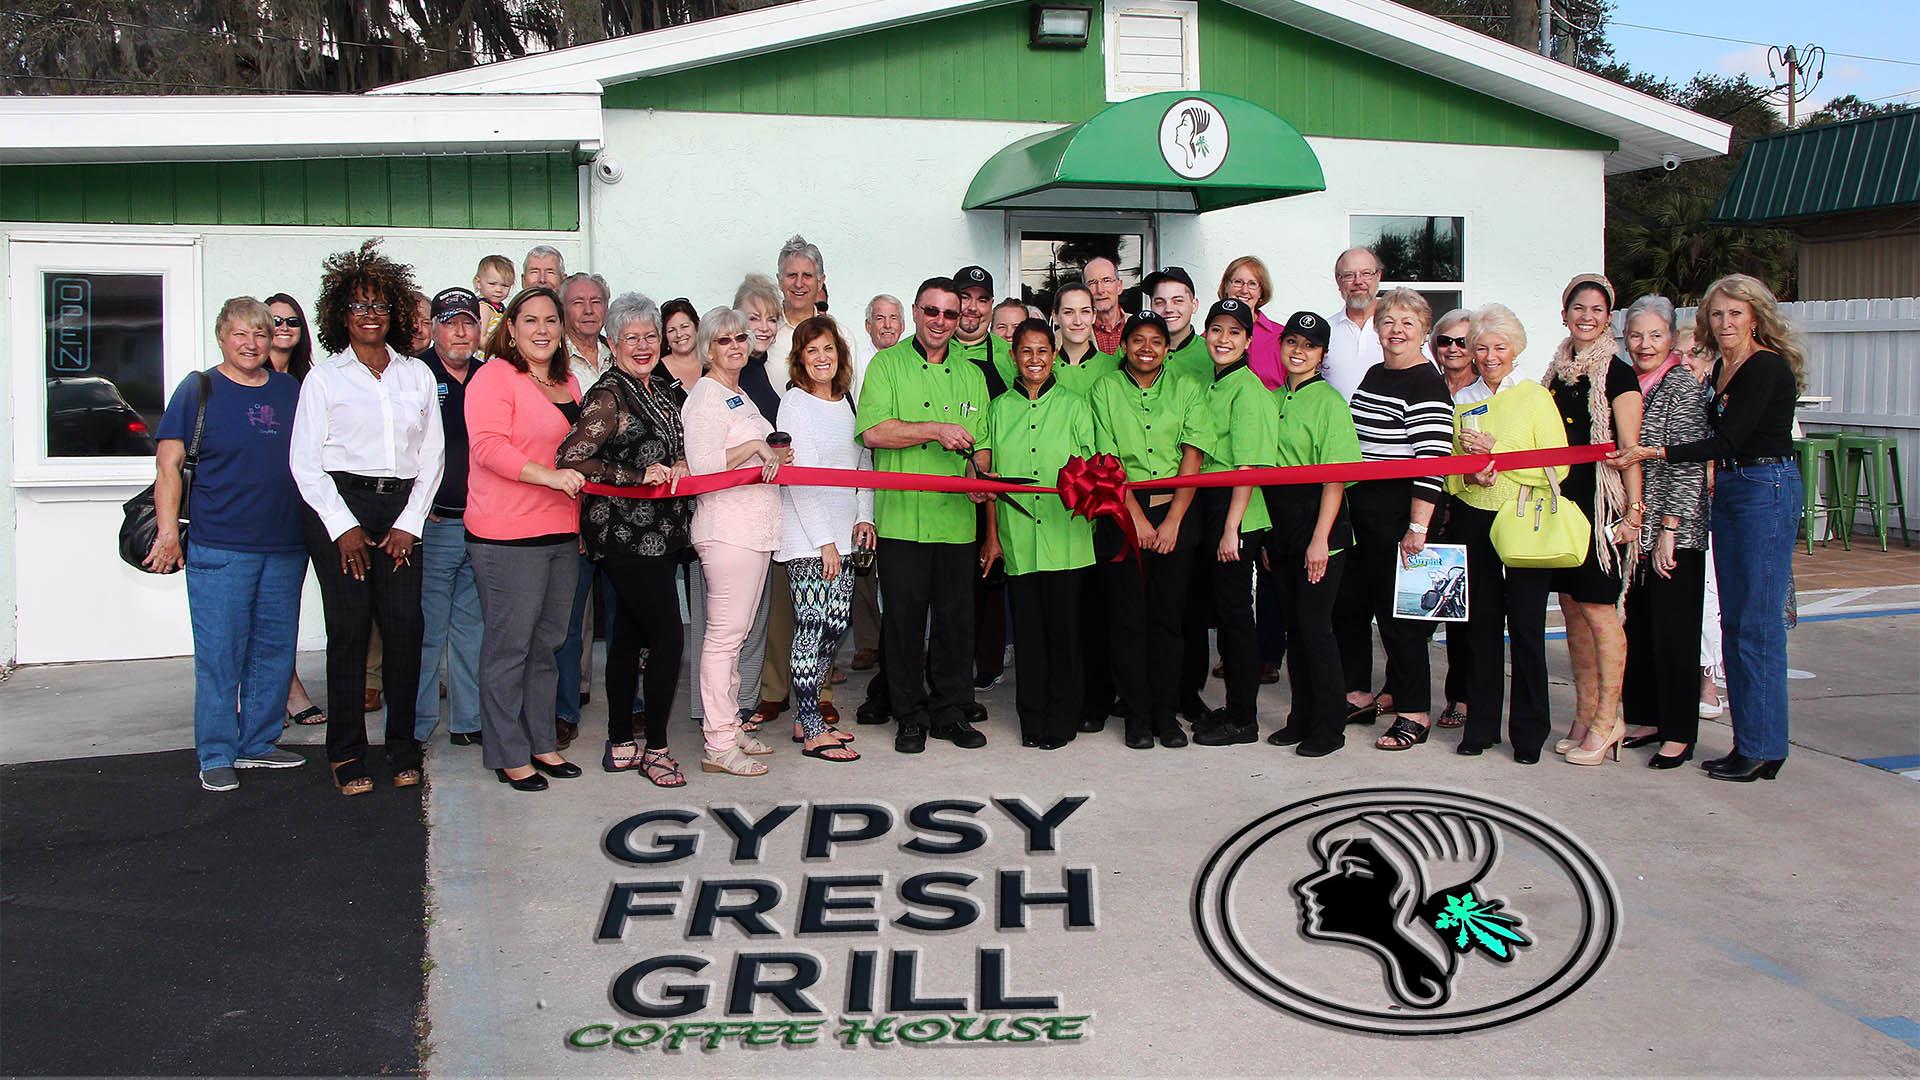 Gypsy-Fresh-Grill